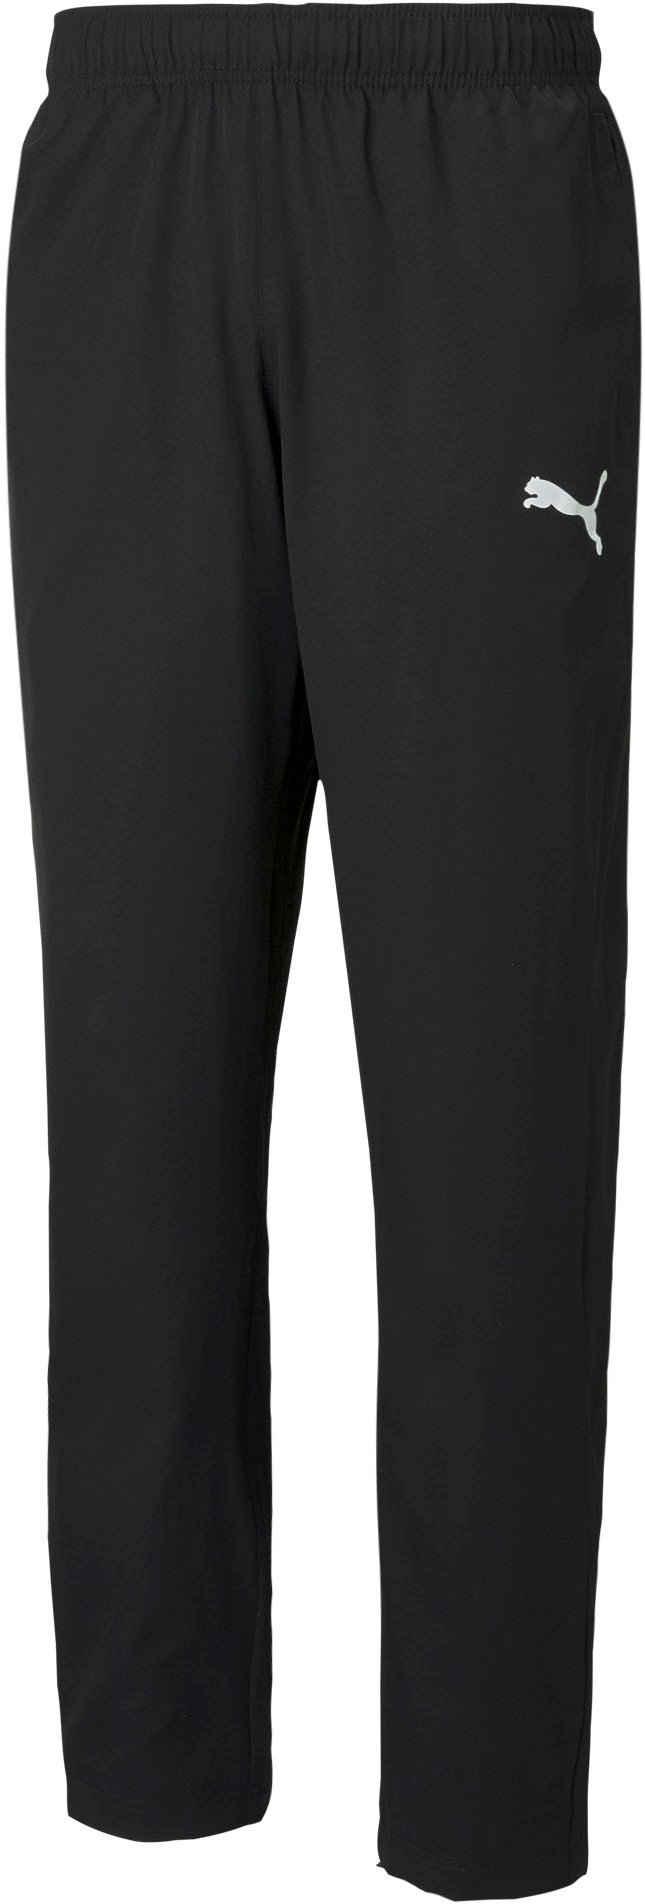 PUMA Trainingshose »ACTIVE Woven Pants«